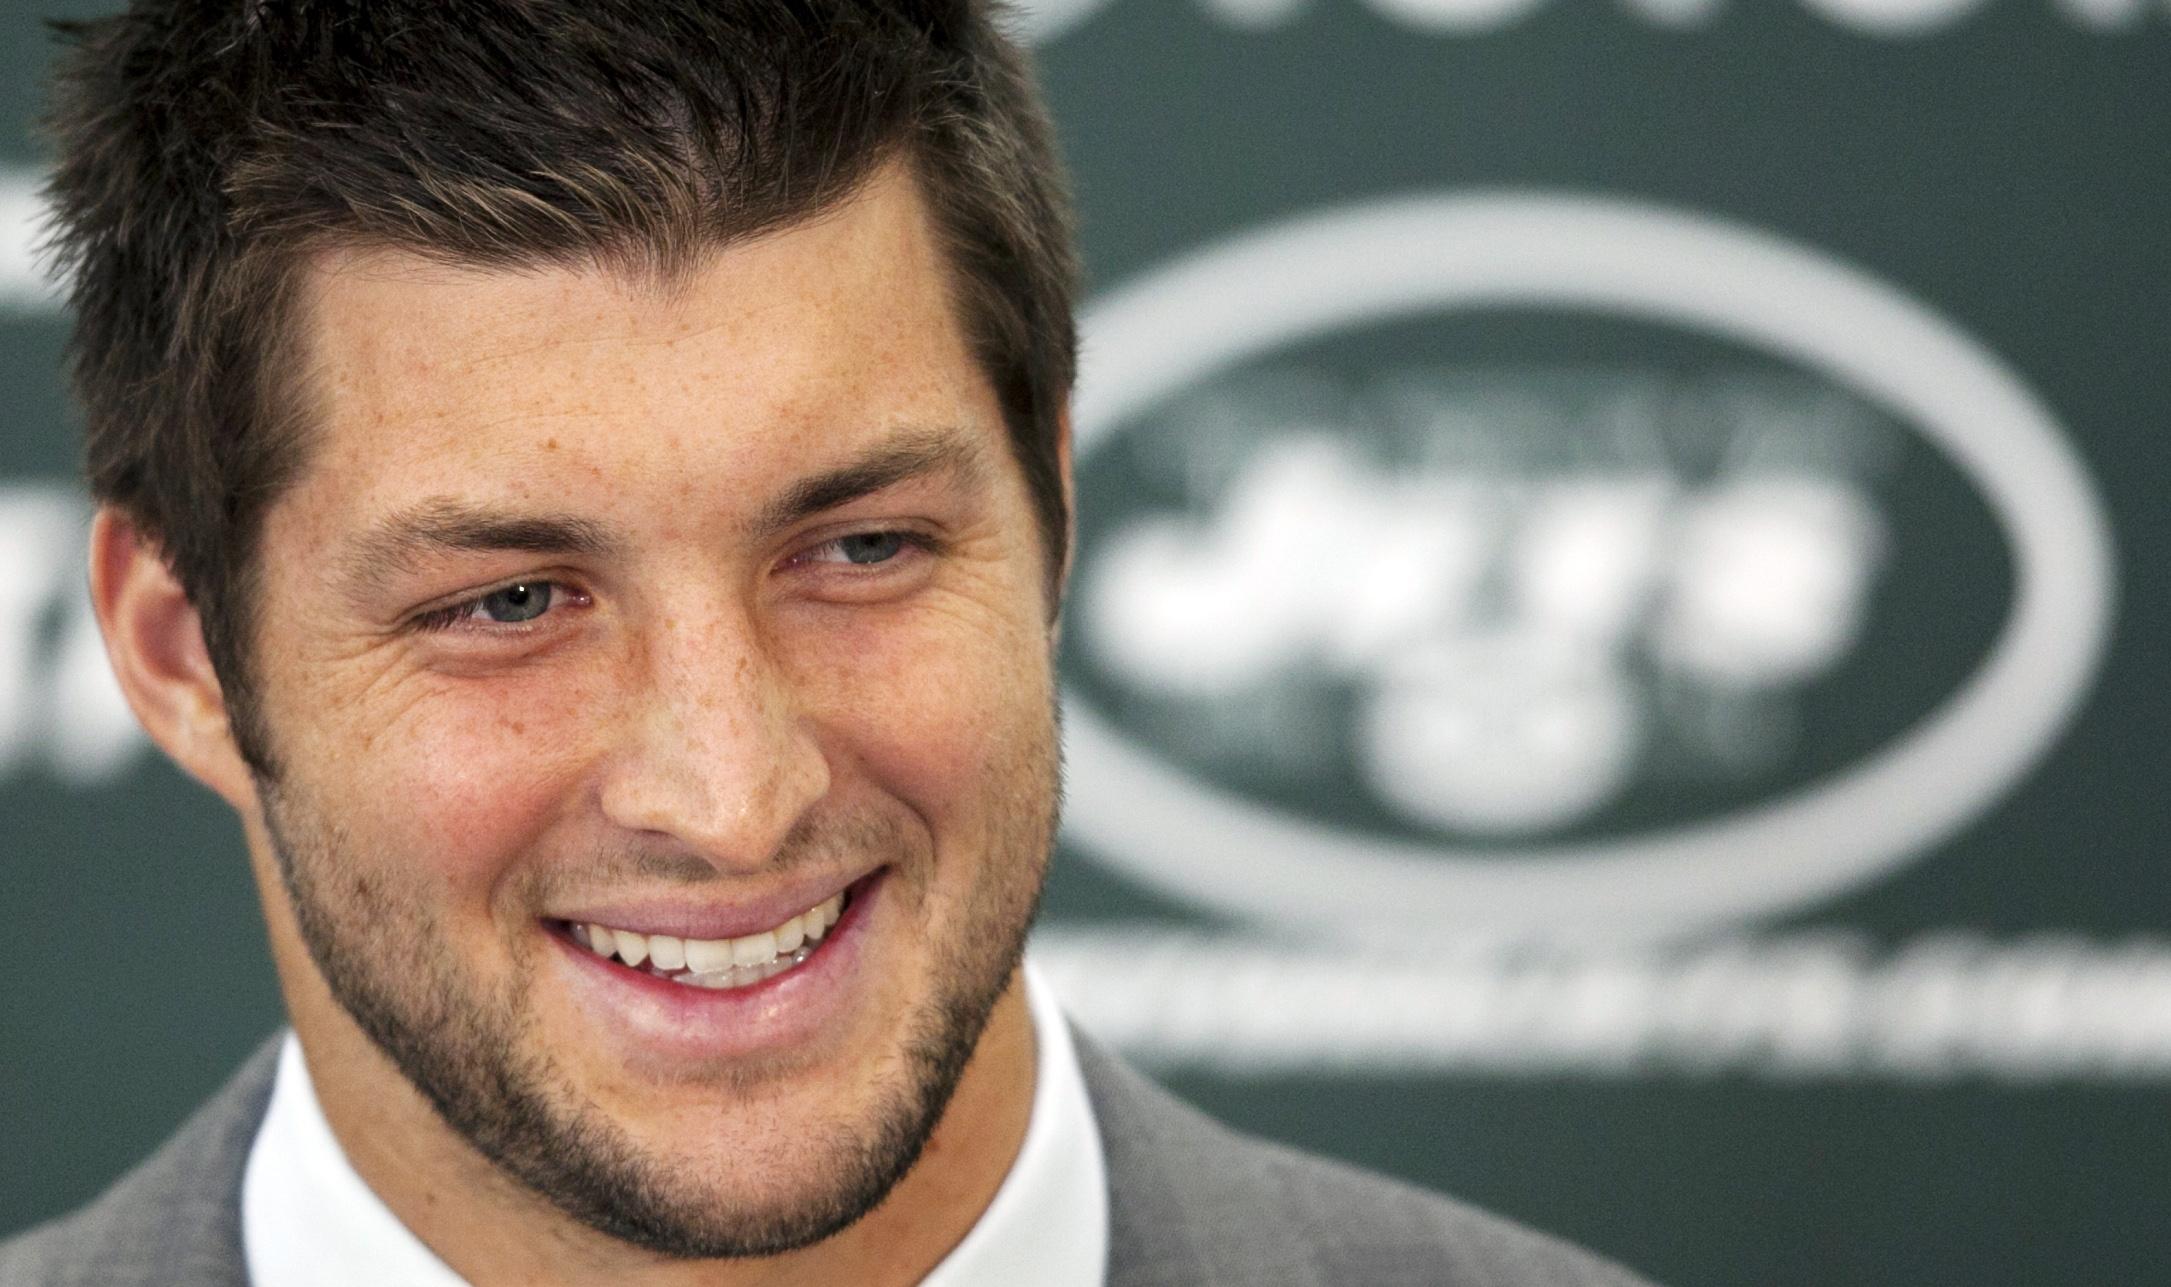 Παρελθόν ο Tebow από τους Jets!